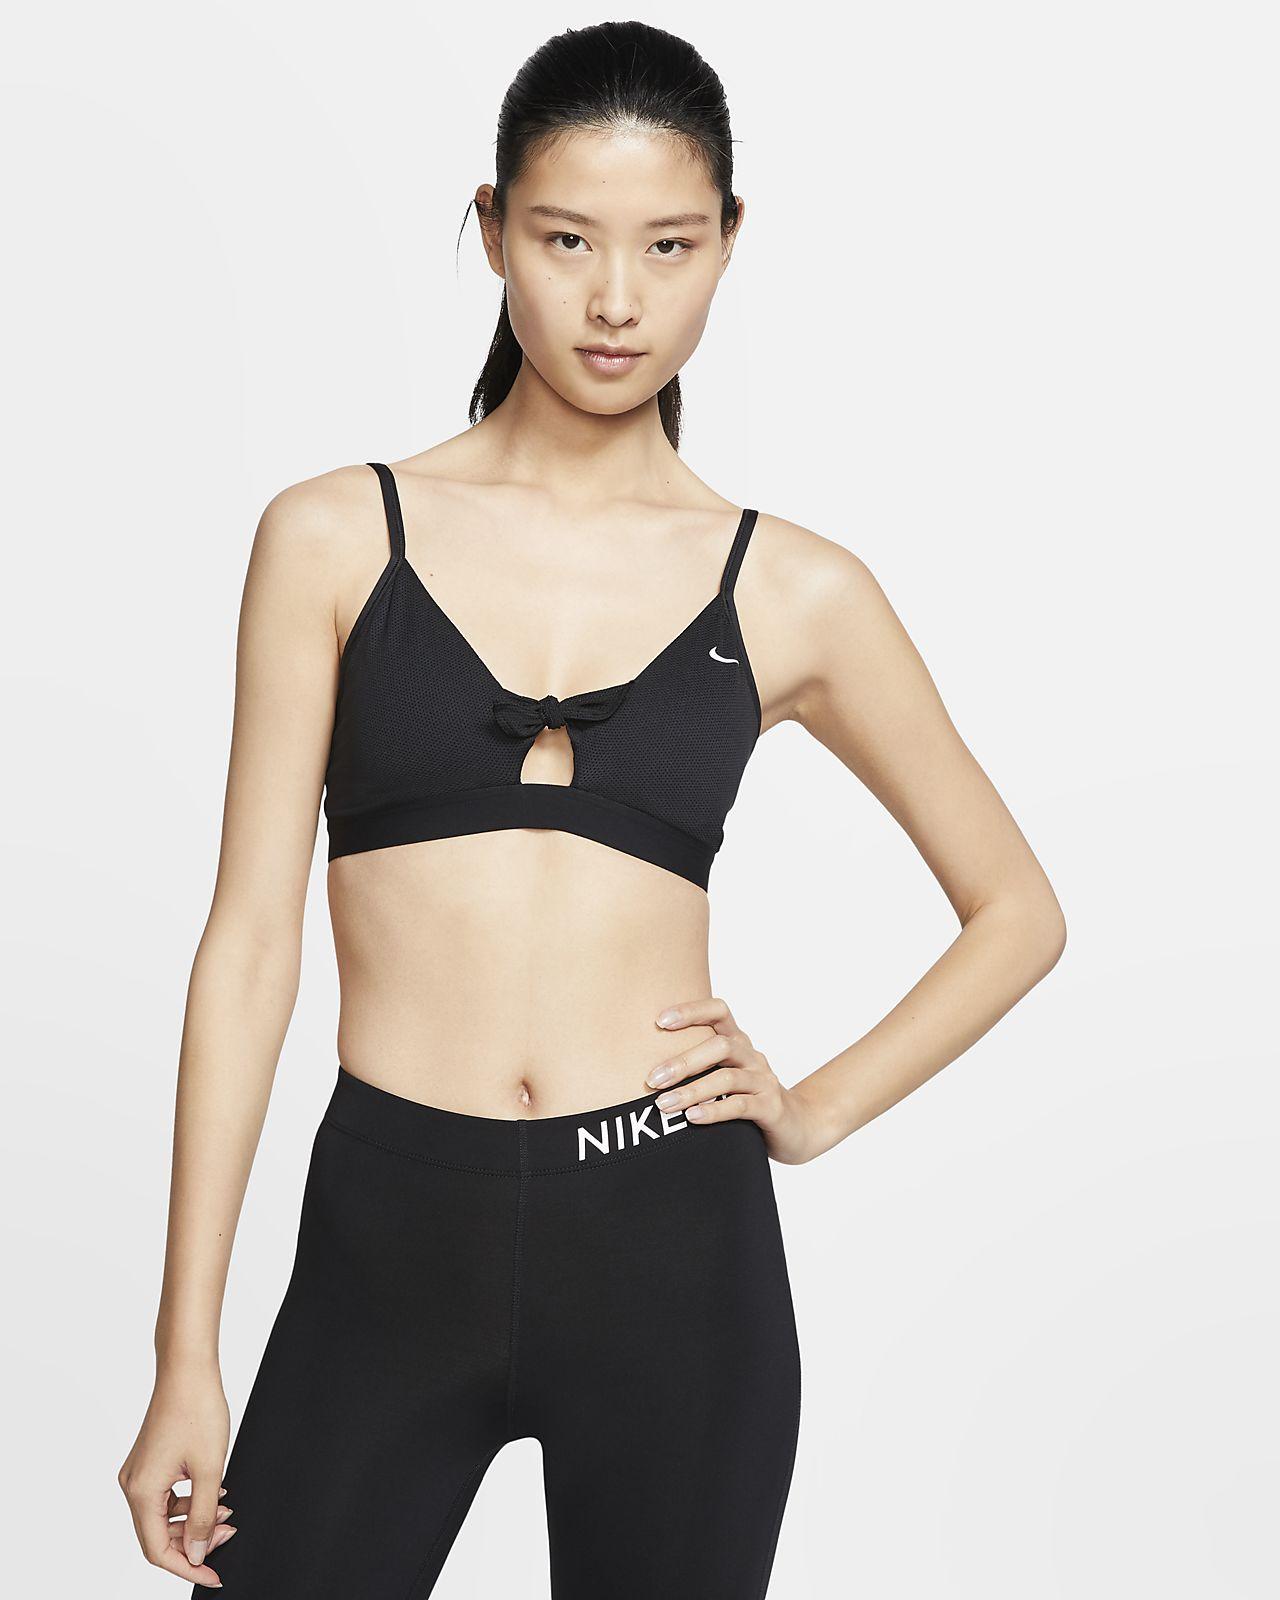 สปอร์ตบราผู้หญิงซัพพอร์ตระดับต่ำ Nike Favorites